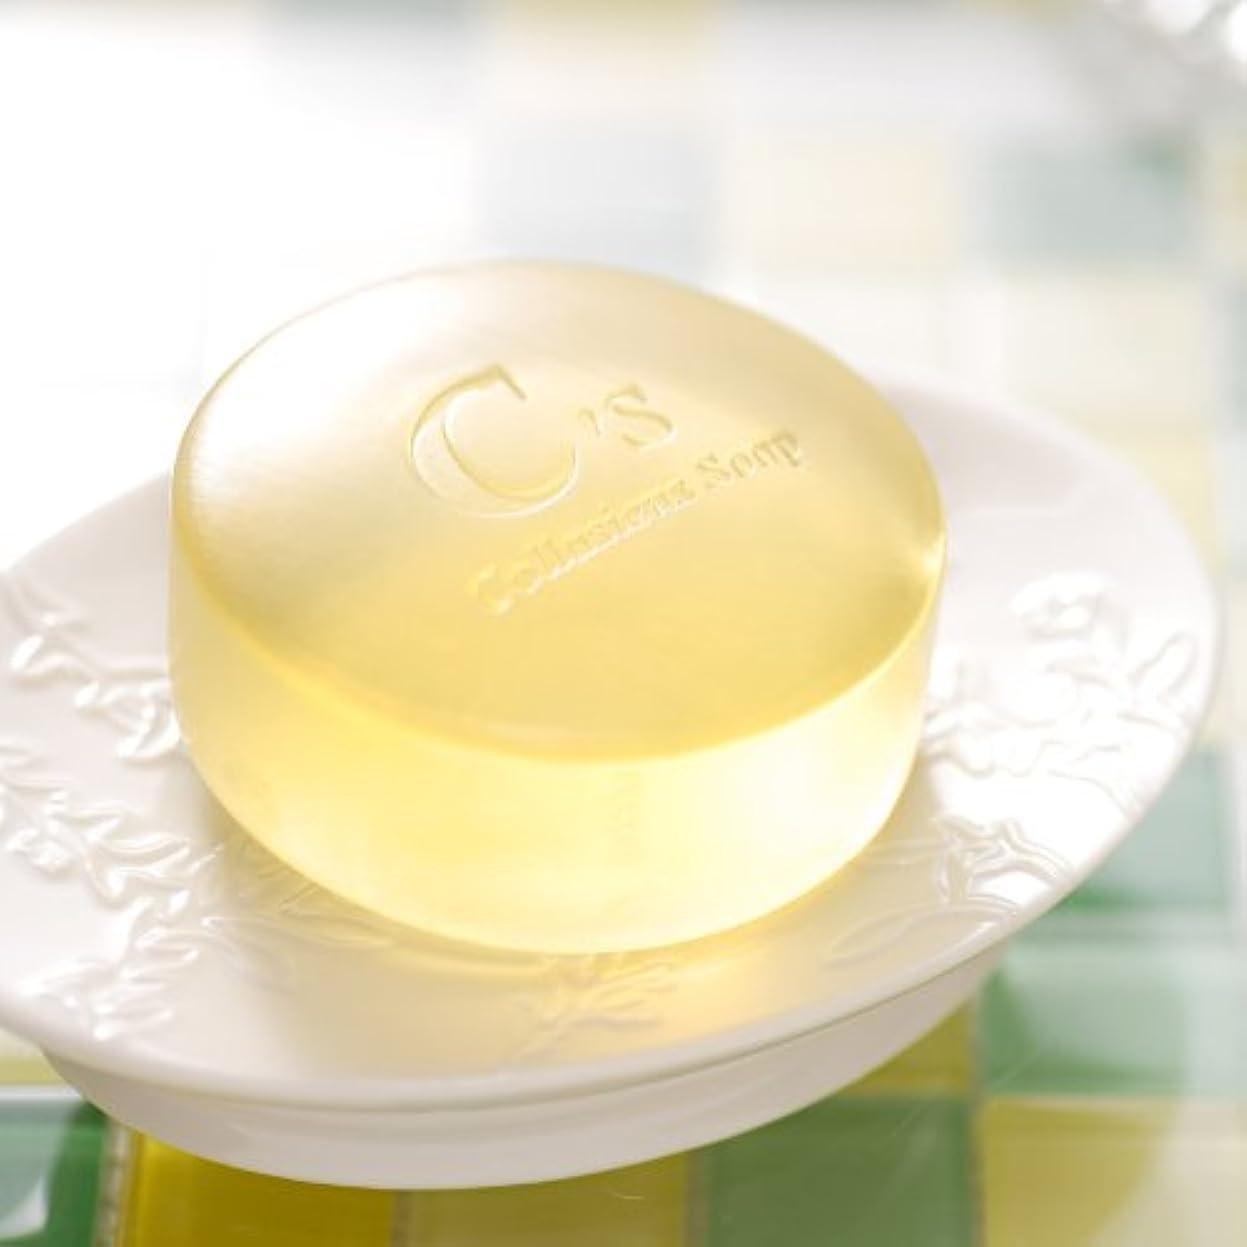 彼らのもの褐色保全肌理石鹸(きめせっけん)☆90日間熟成させた手作りソープ